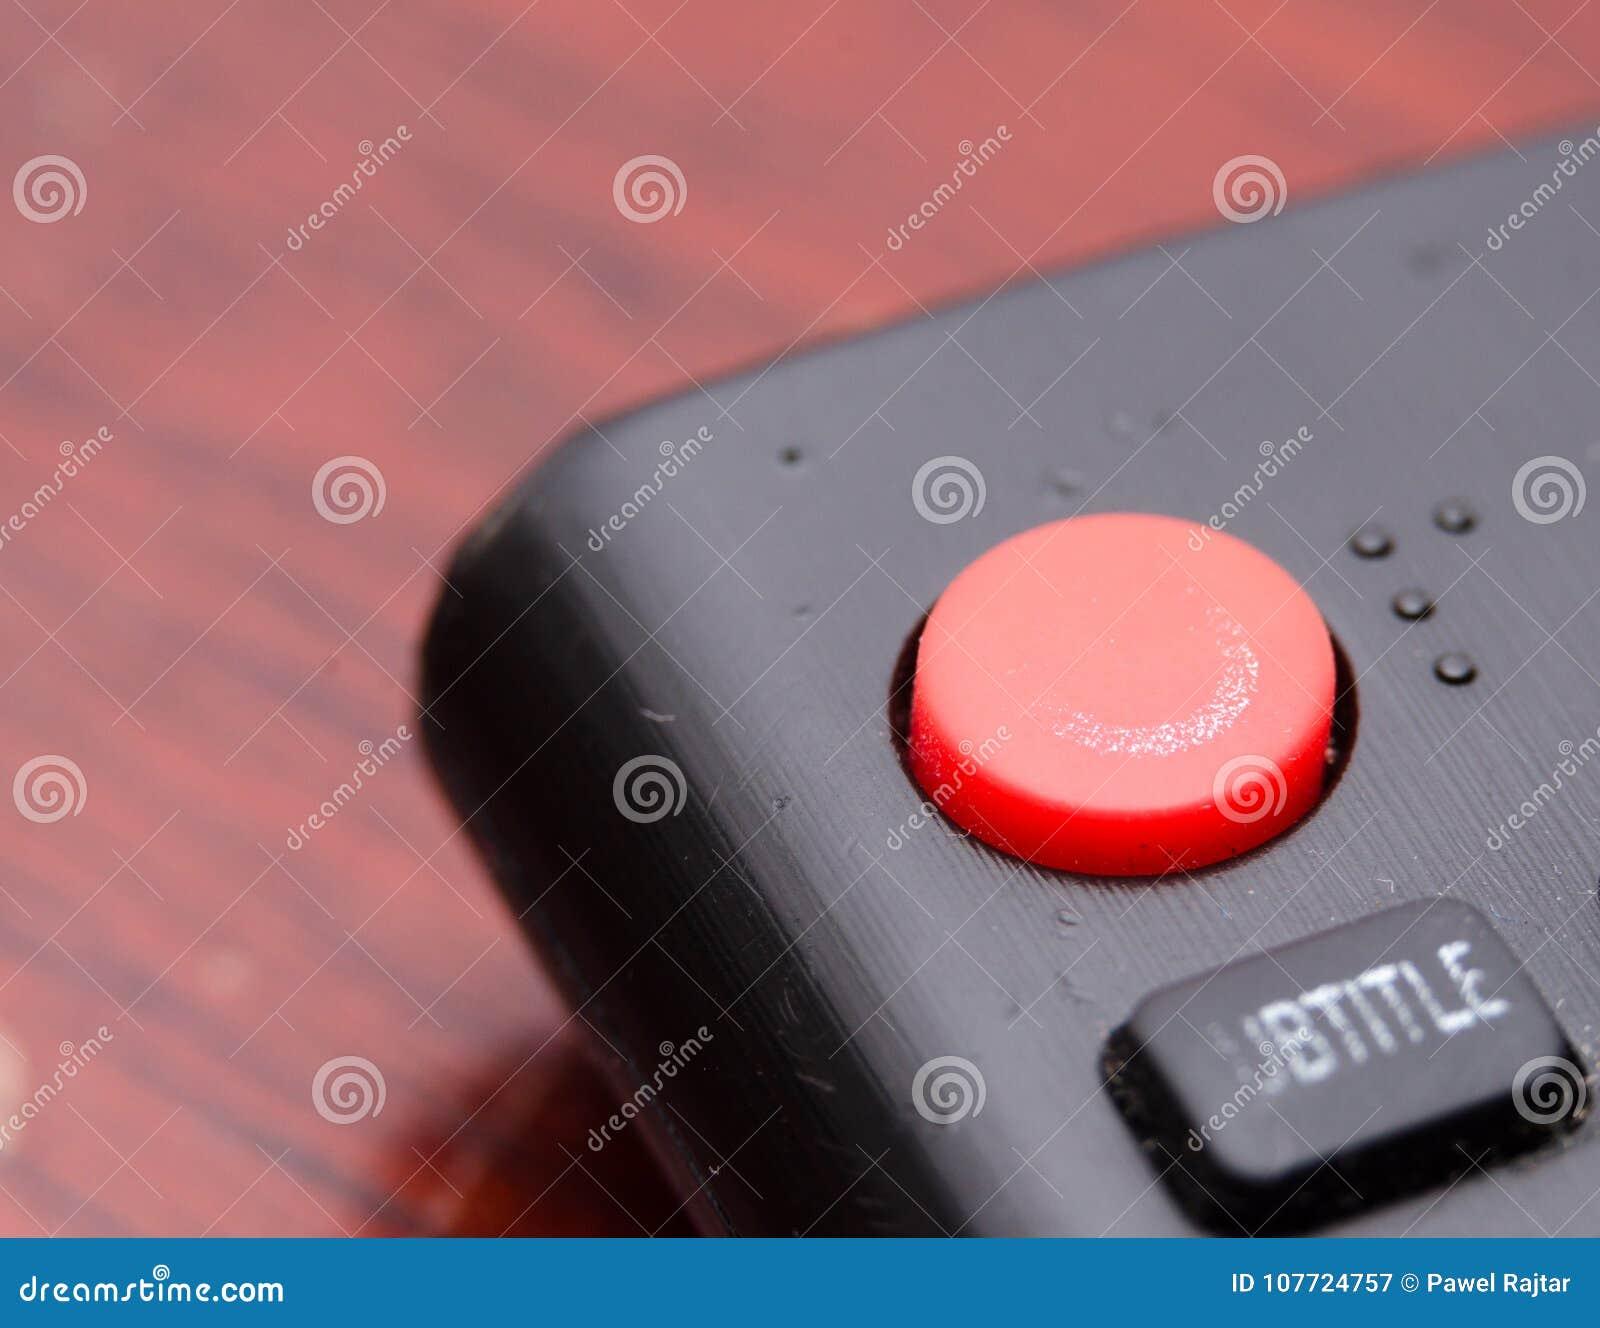 Teledirigido de la TV fotografiado encima del cierre, usted puede ver las llaves para cambiar los programas